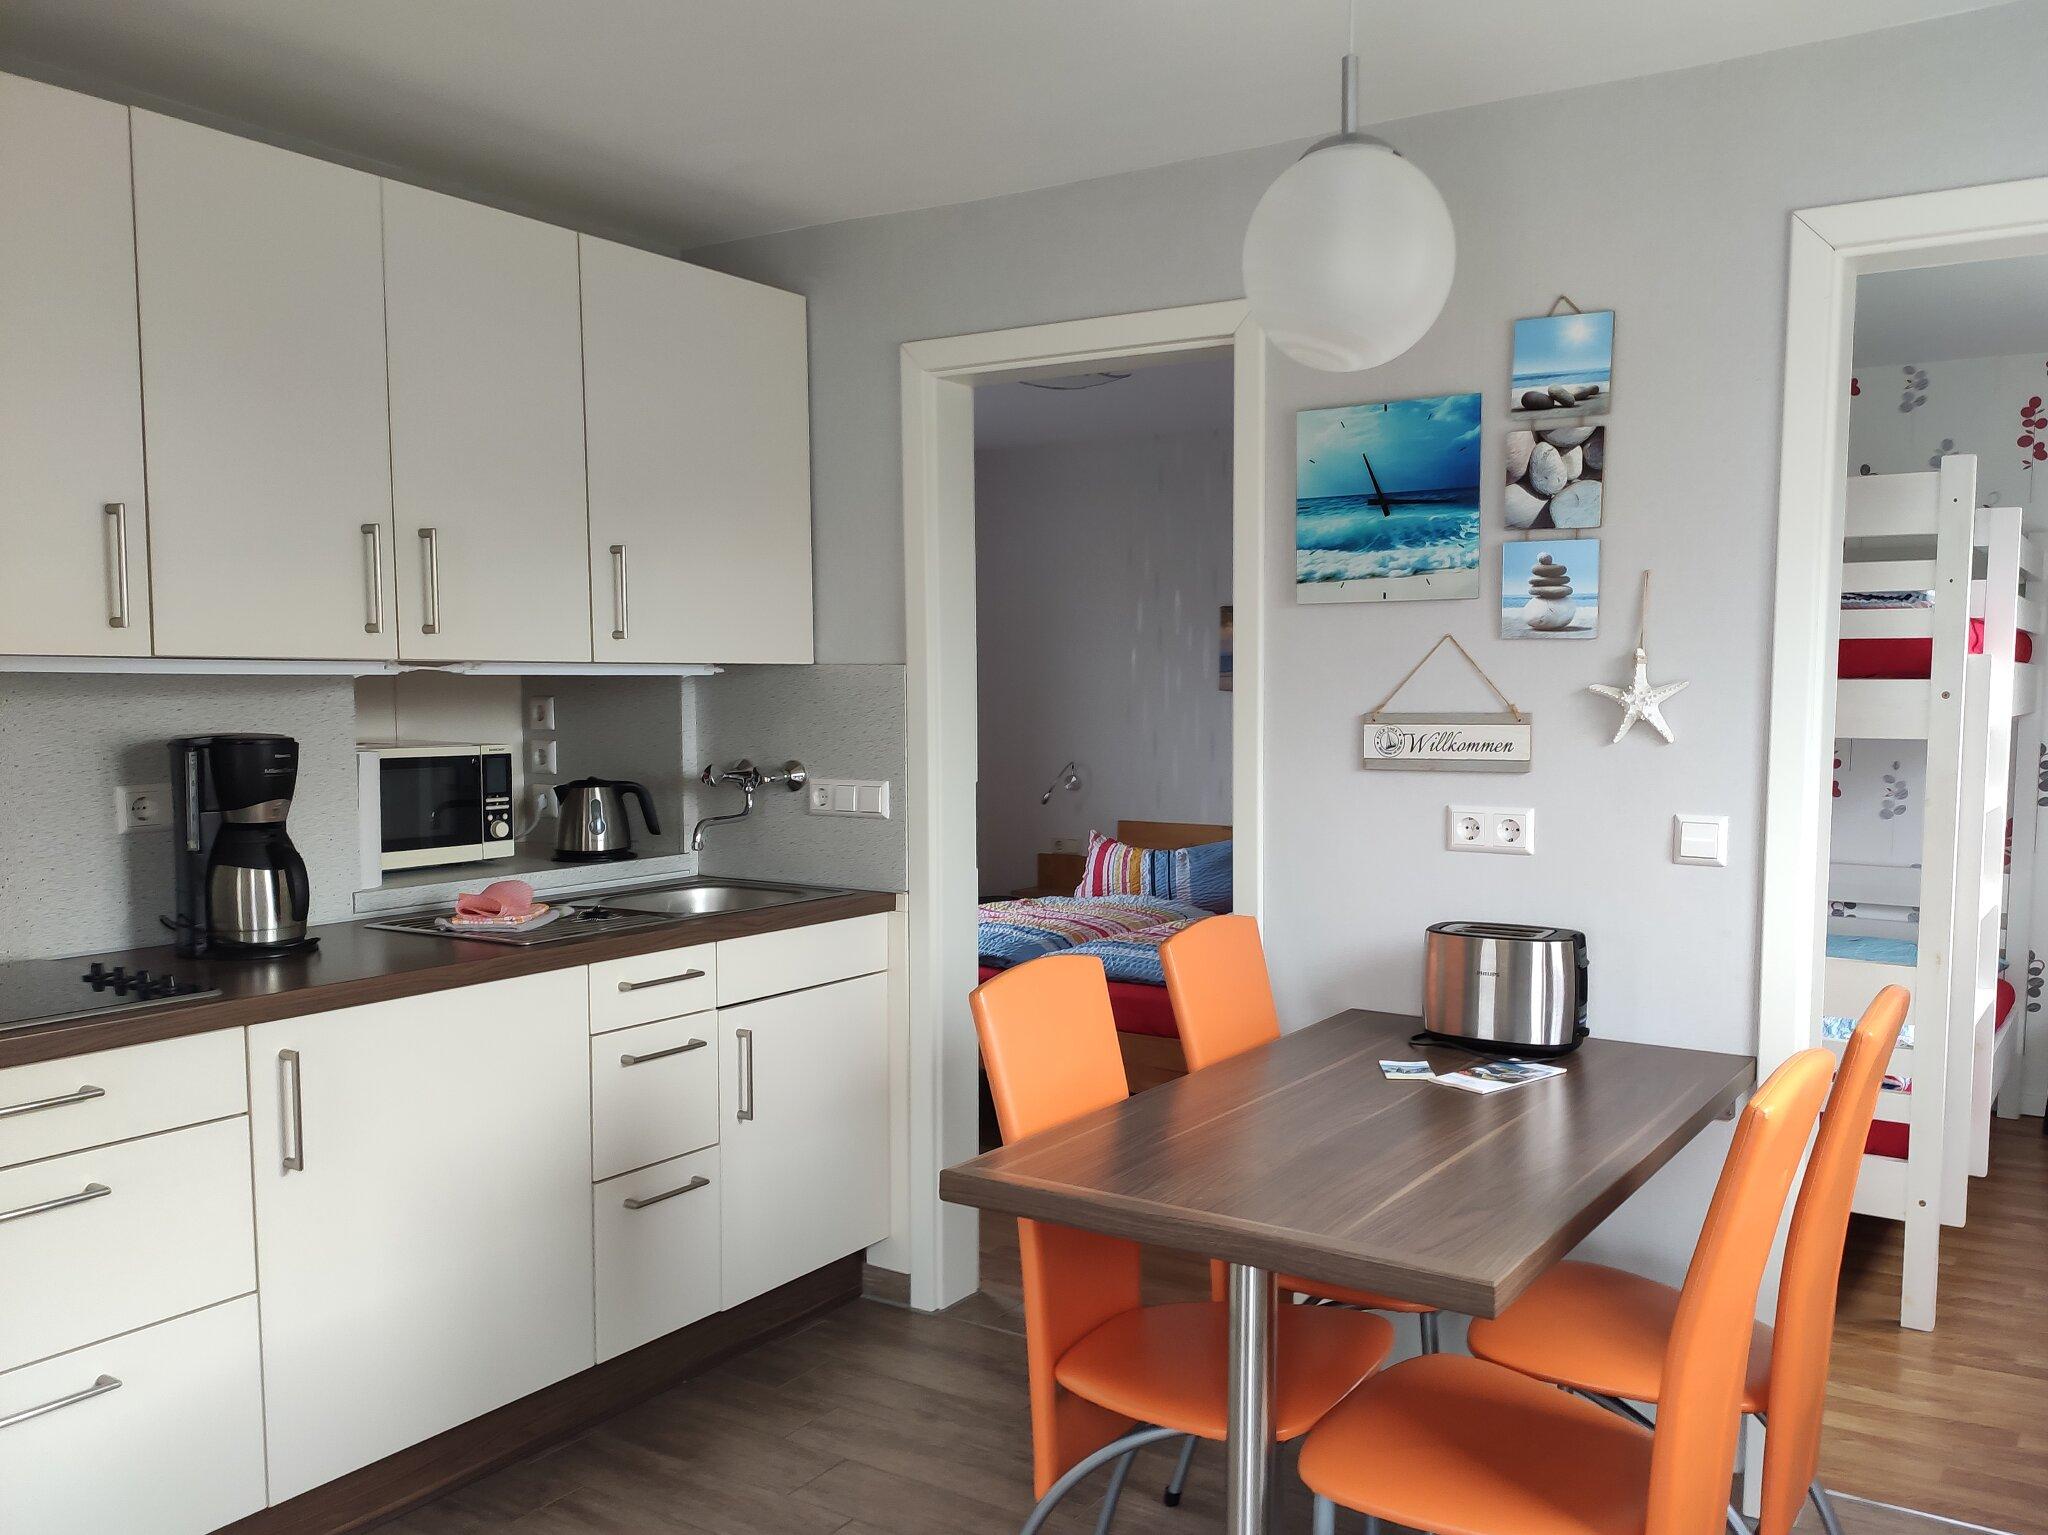 Küche, Blick ins Wohnzimmer